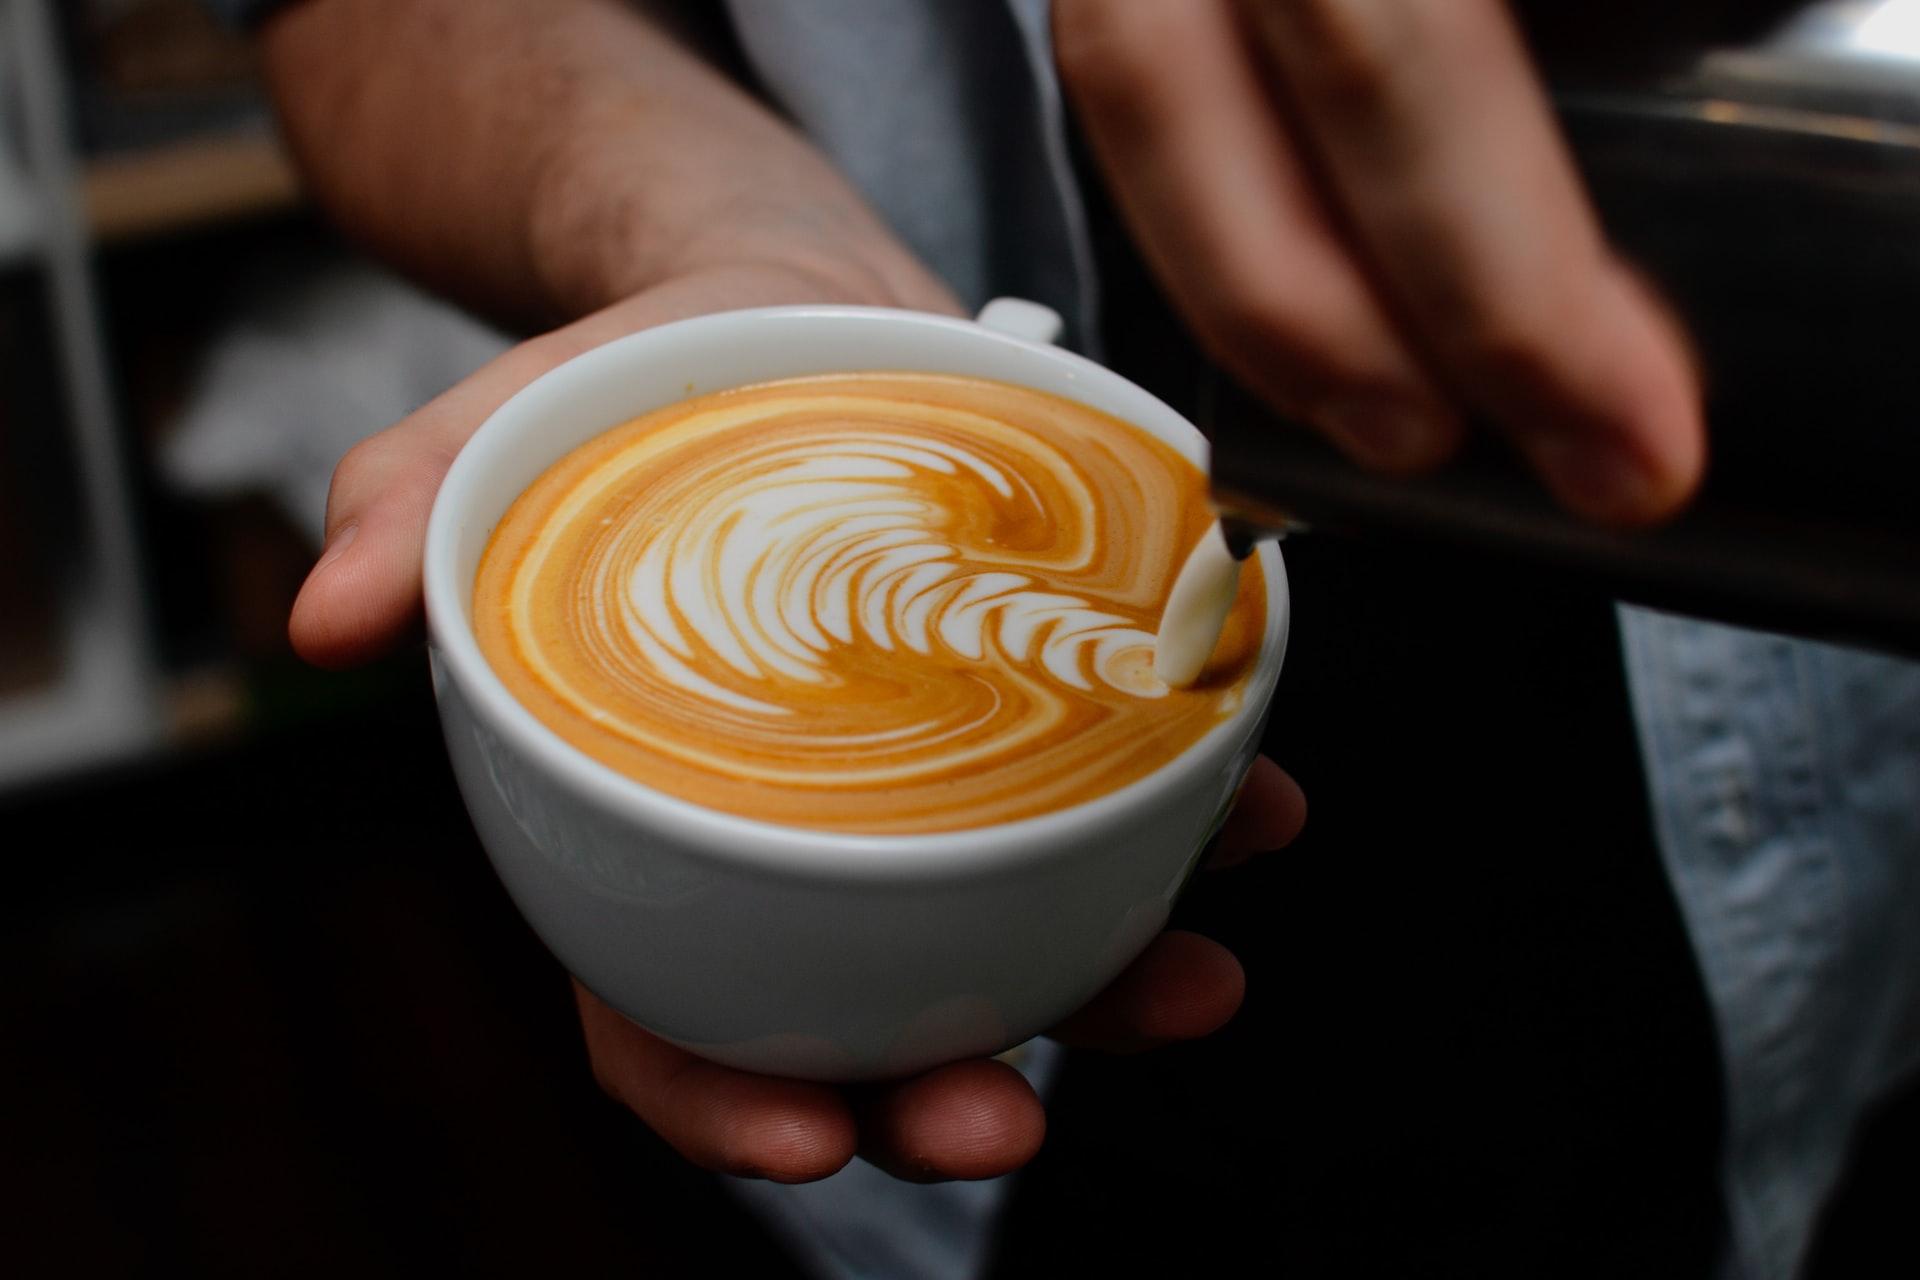 Top Dublin coffee spots